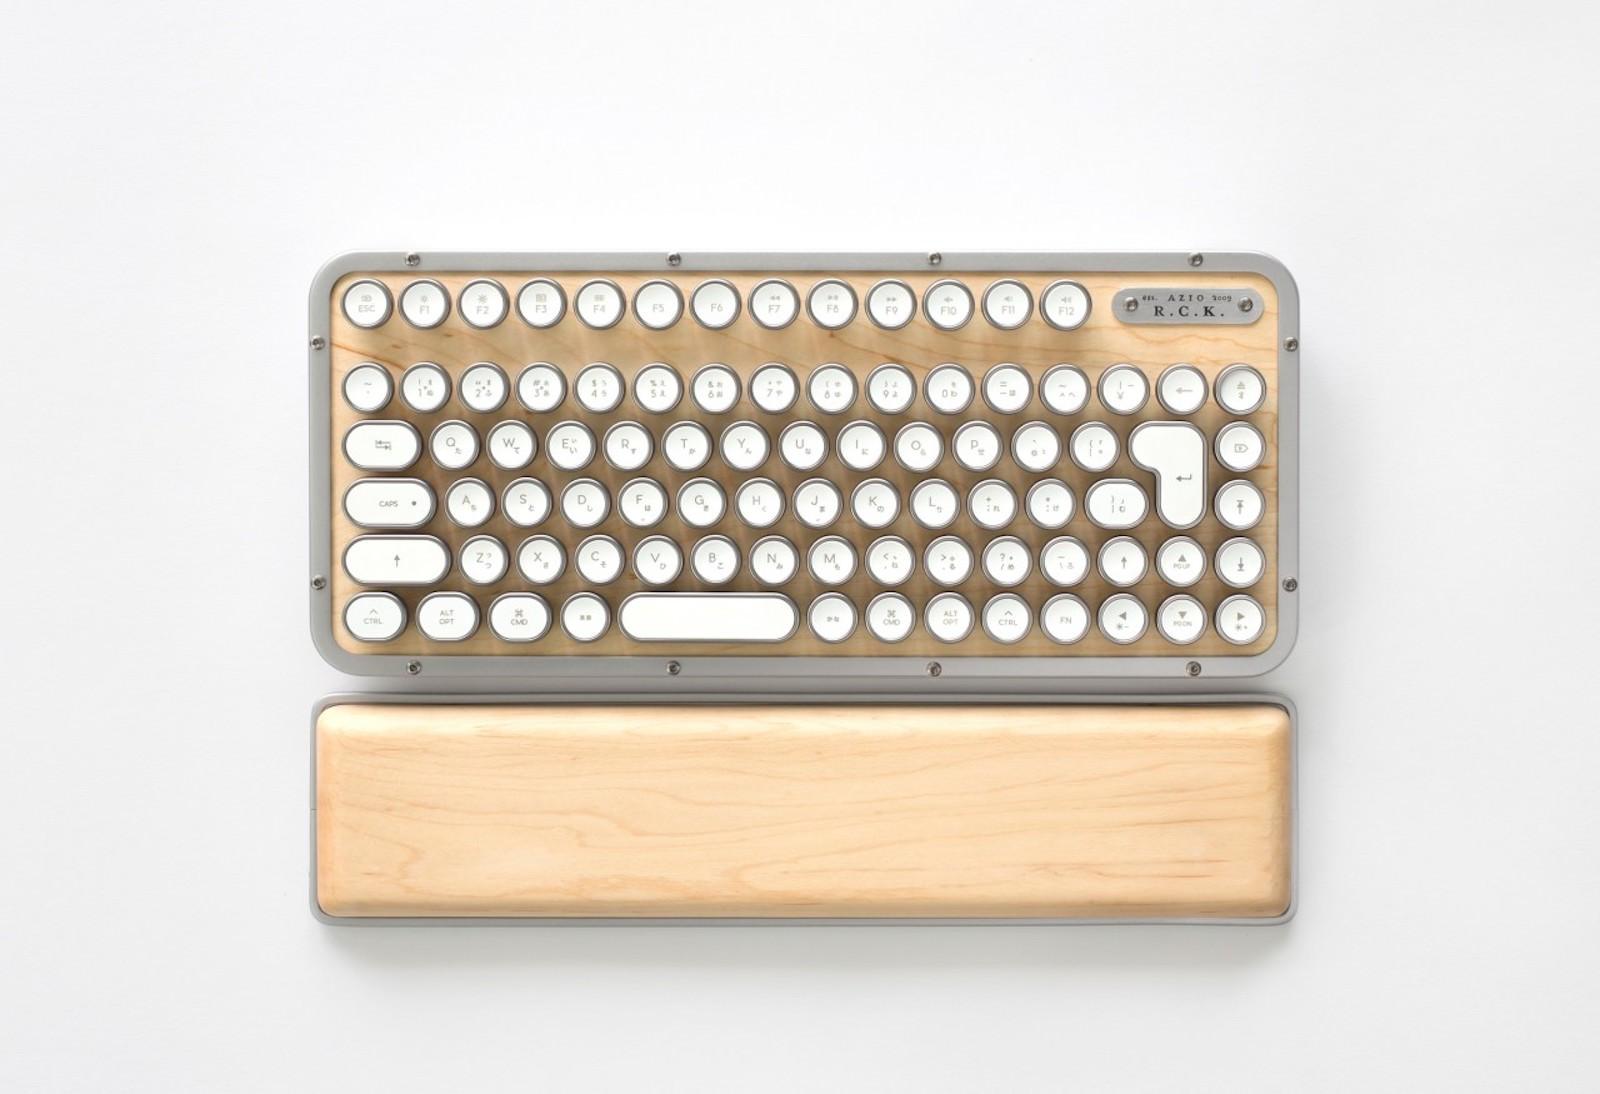 AZIO Retro Classic Keyboard 1